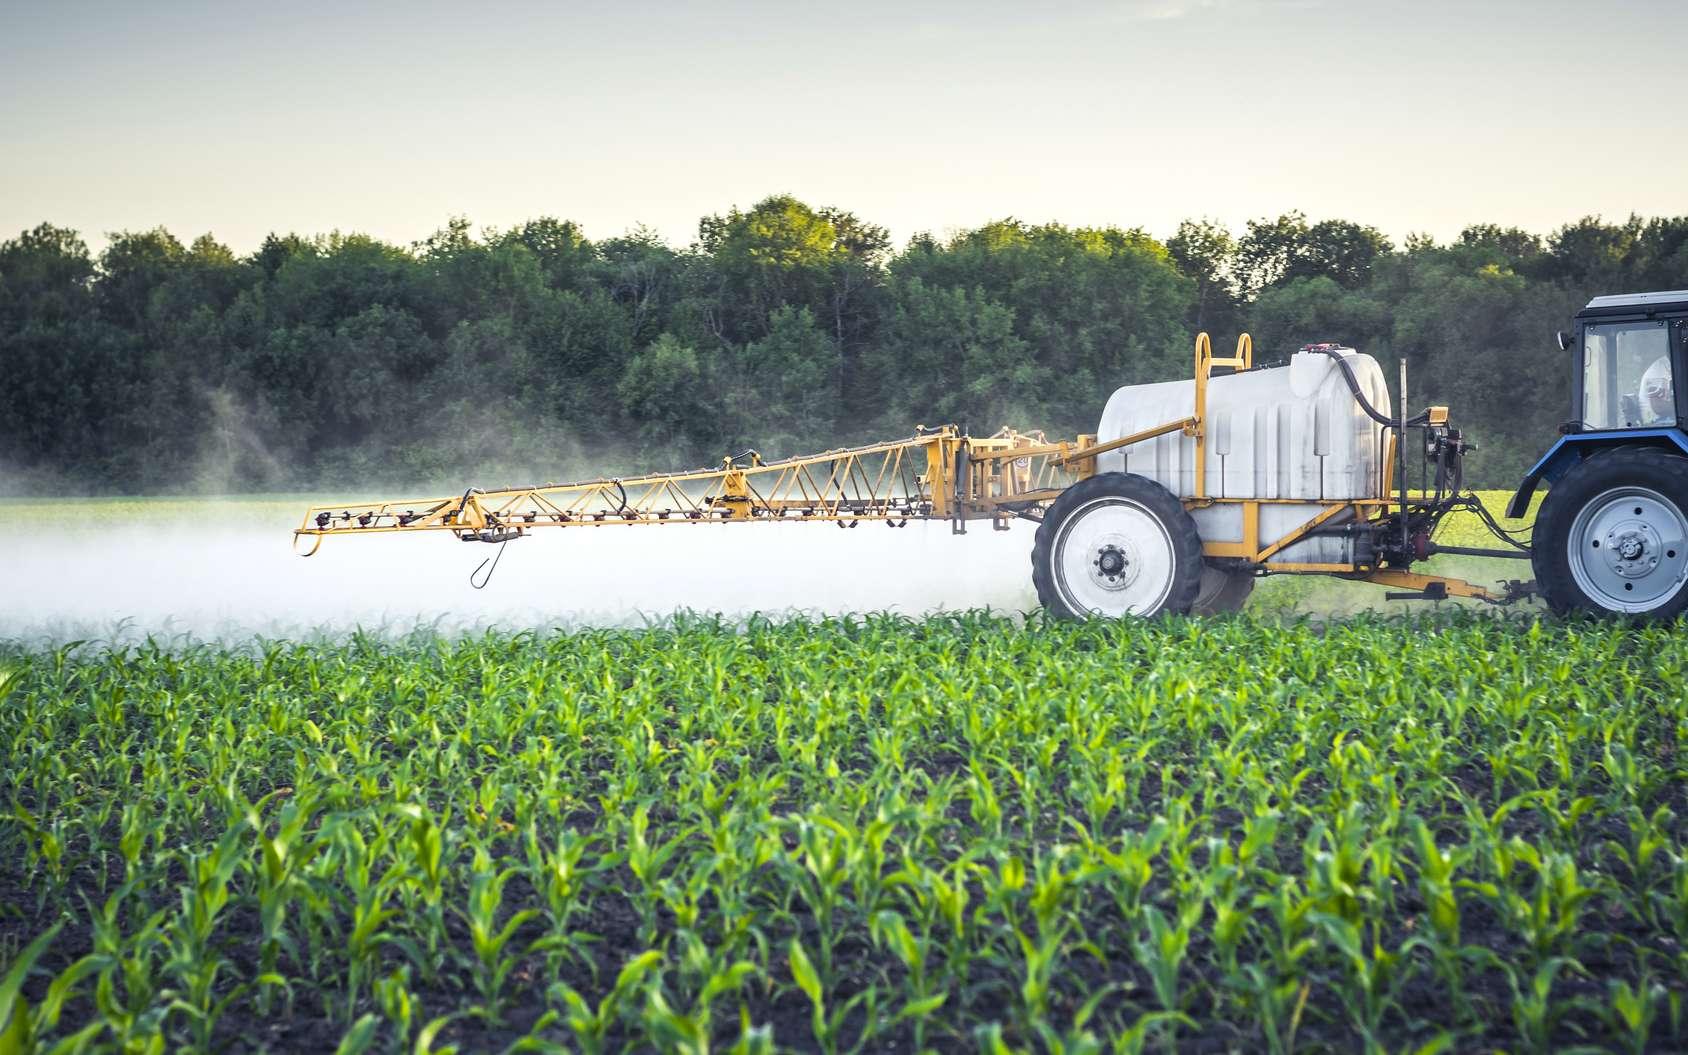 Plus de 200 millions de tonnes de fertilisants sont utilisés chaque année. © Oleksandr, Fotolia